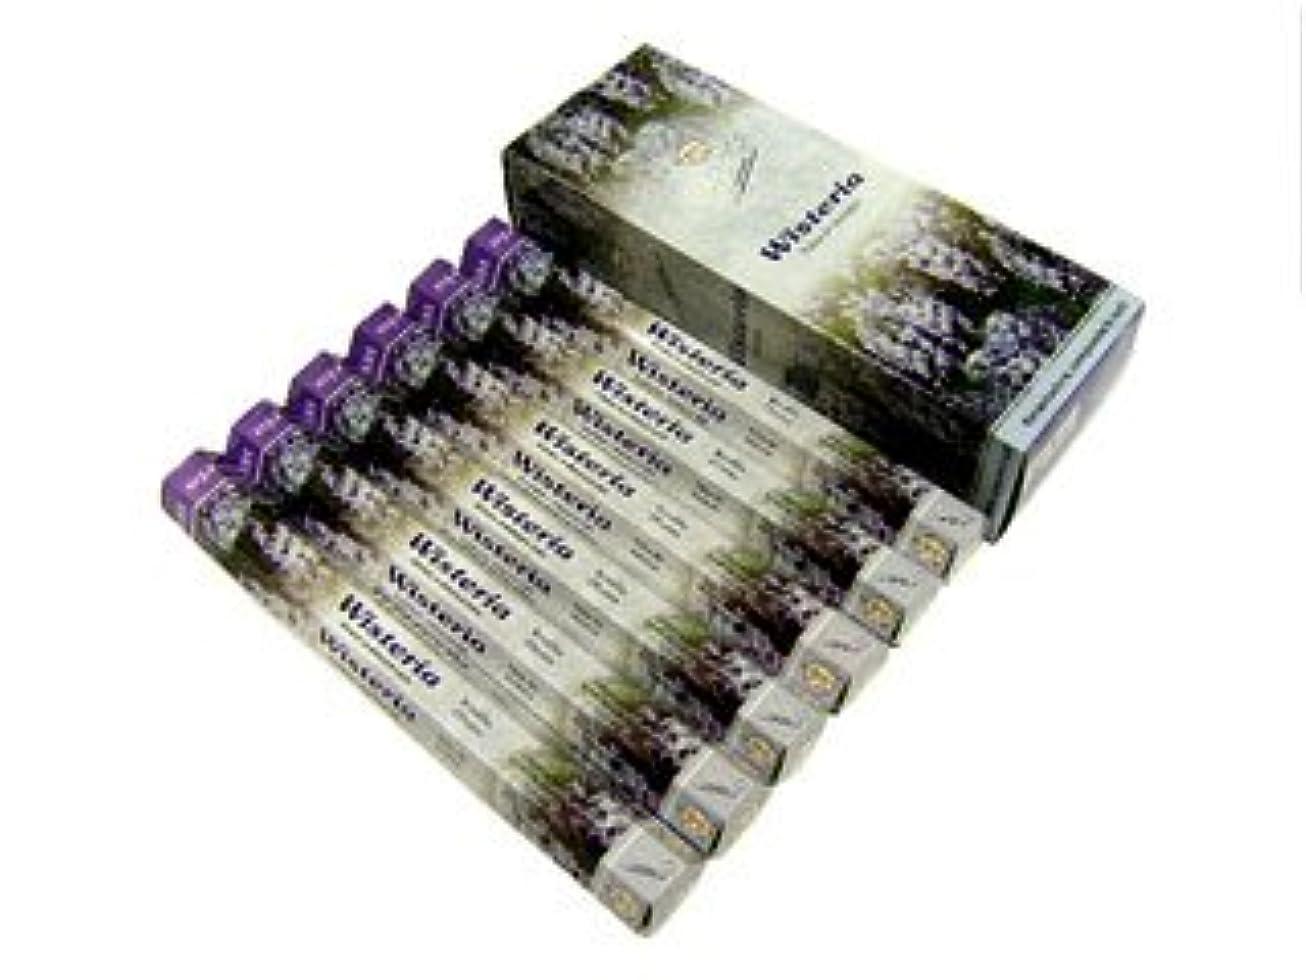 衣類慣習レプリカFLUTE(フルート) ウィステリア香 スティック WISTERIA 6箱セット